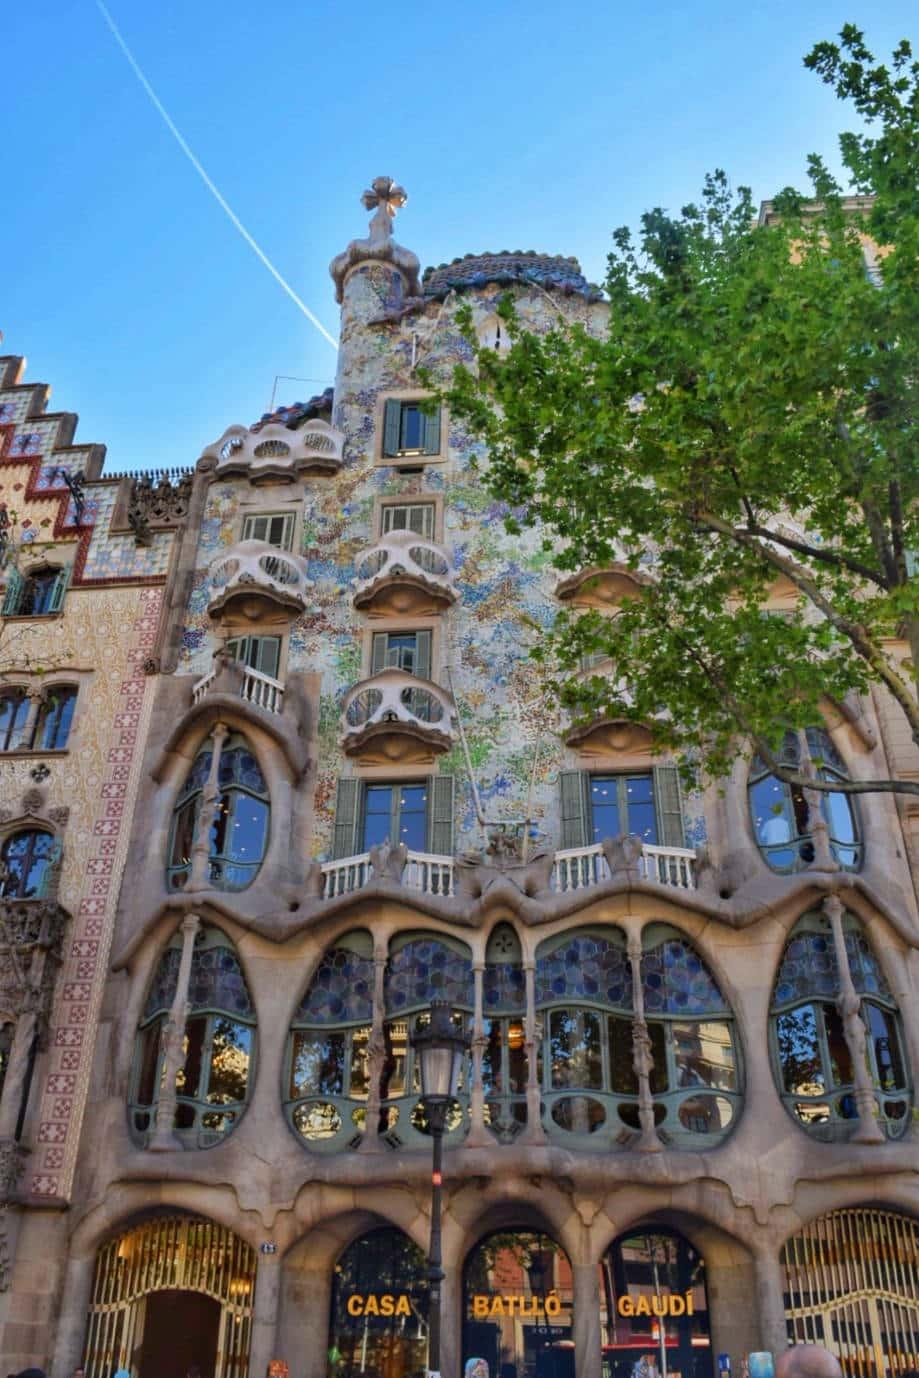 casas modernistas barcelona casa batllo gaudi